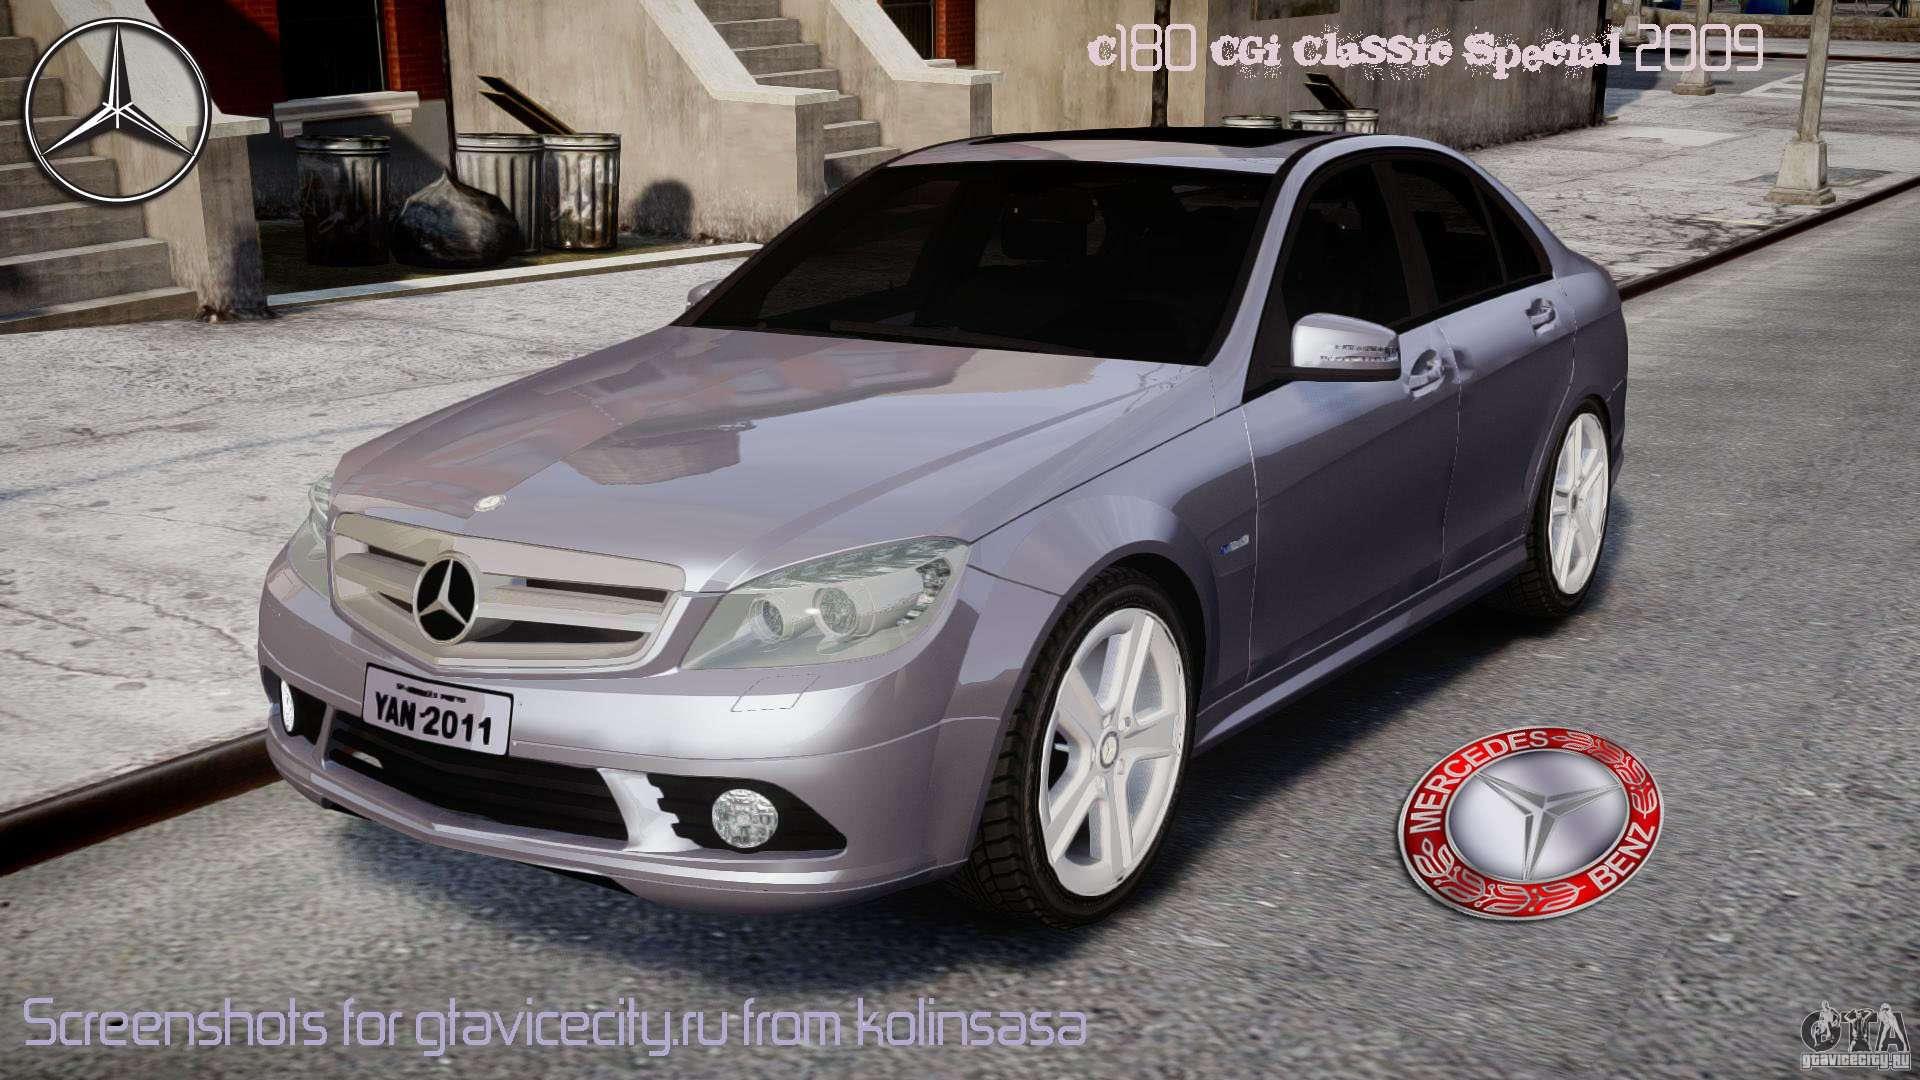 Mercedes Benz C180 Cgi Classic Special 2009 для Gta 4